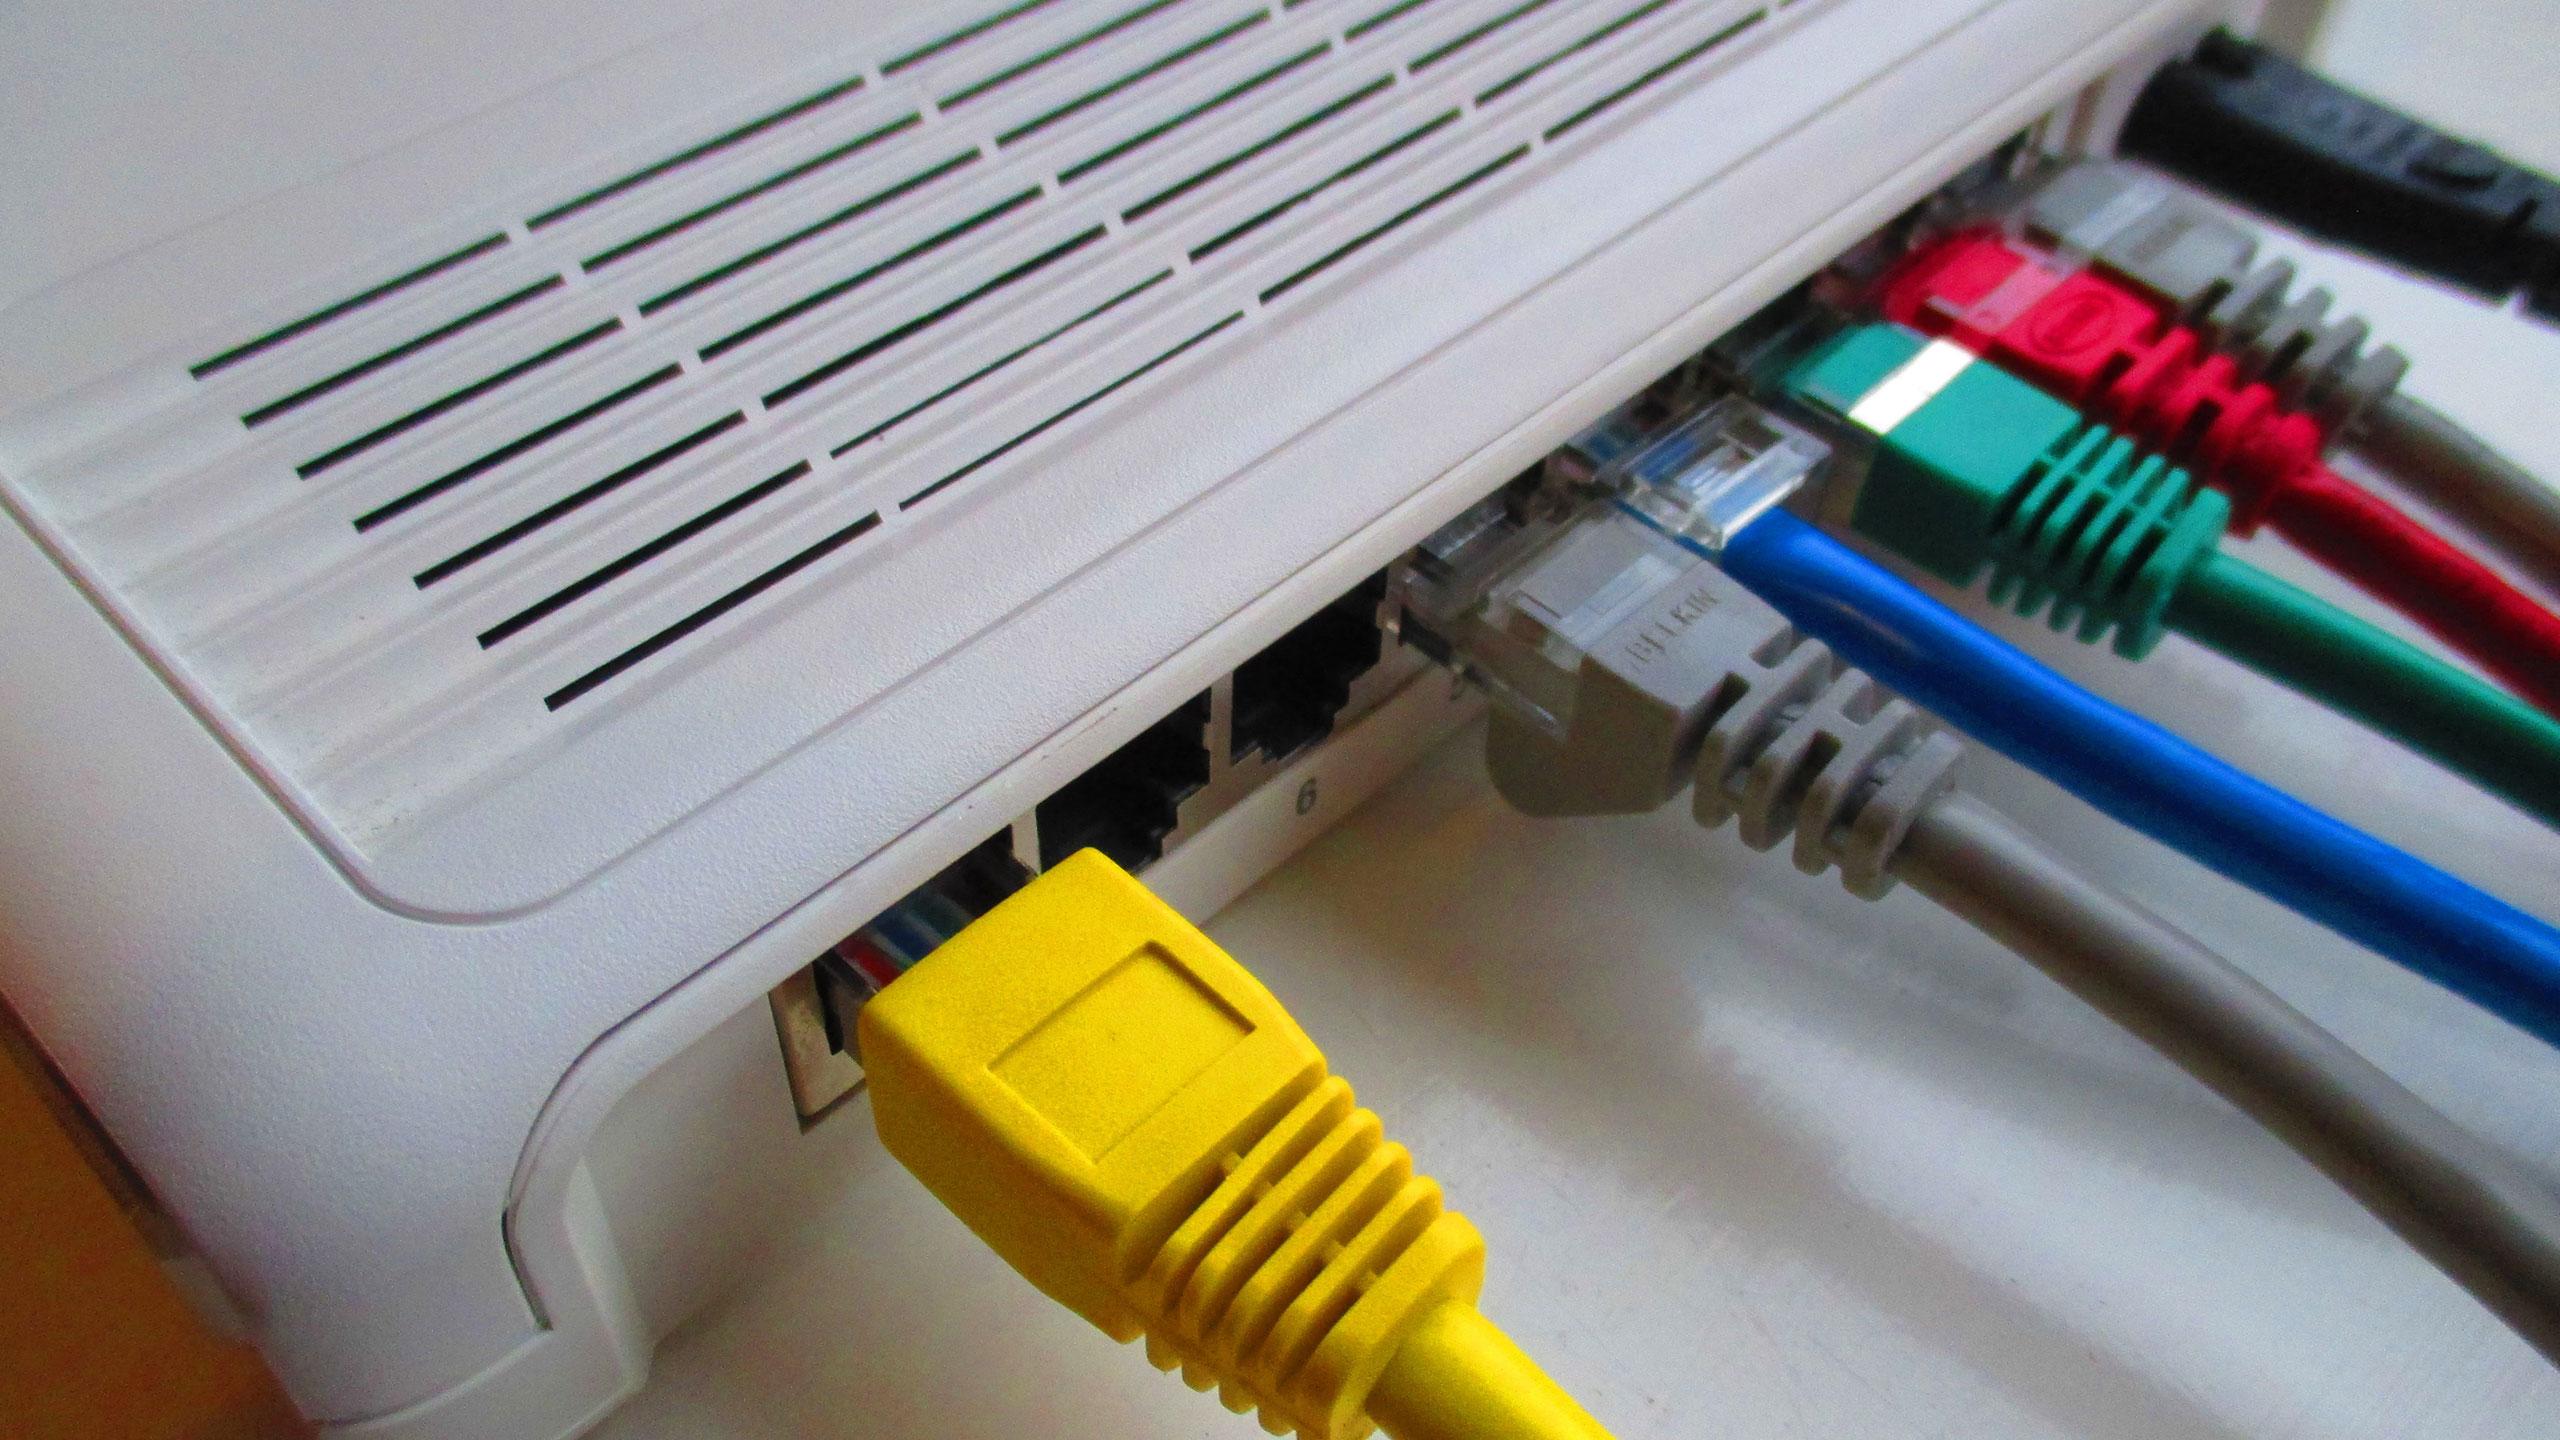 Sieć, sprzęt, switch, przełącznik